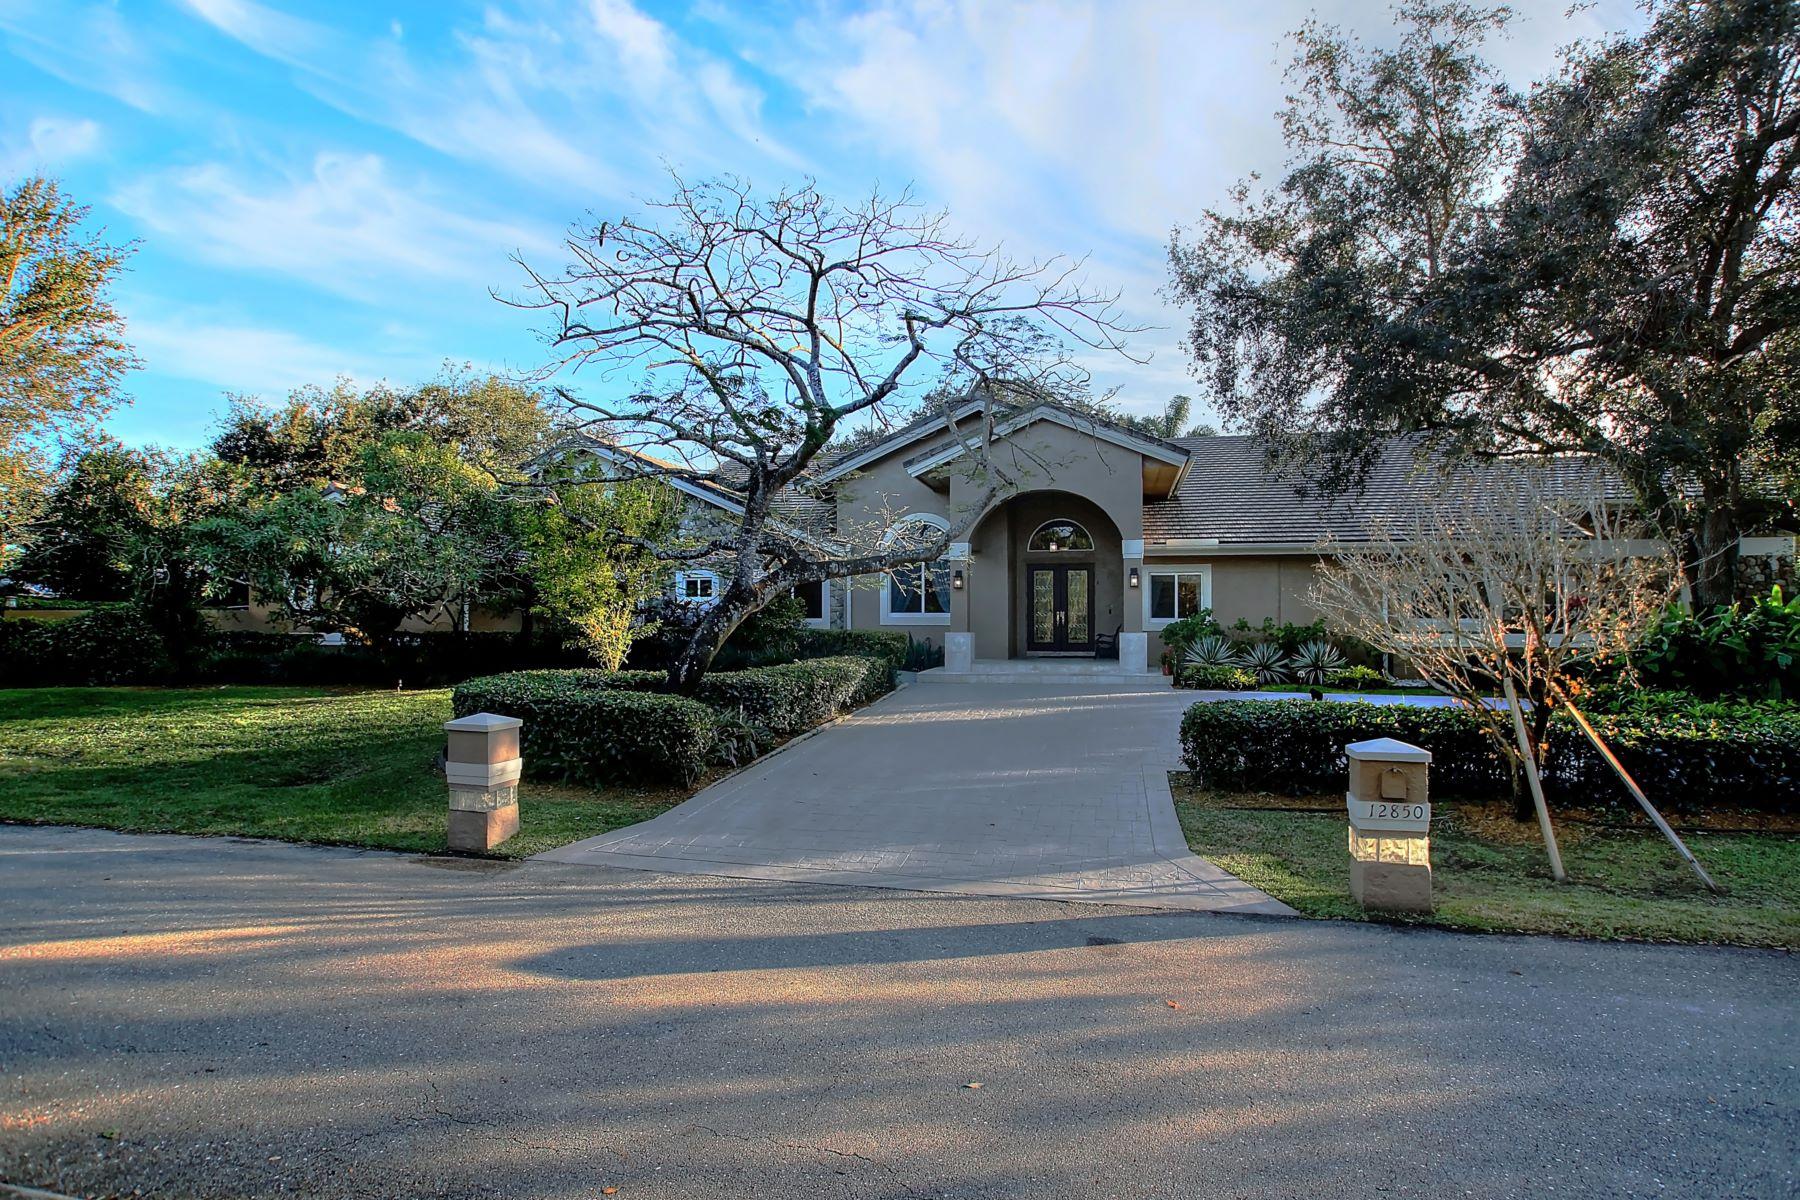 Einfamilienhaus für Verkauf beim 12850 Sw 33rd Dr 12850 Sw 33rd Dr Davie, Florida 33330 Vereinigte Staaten